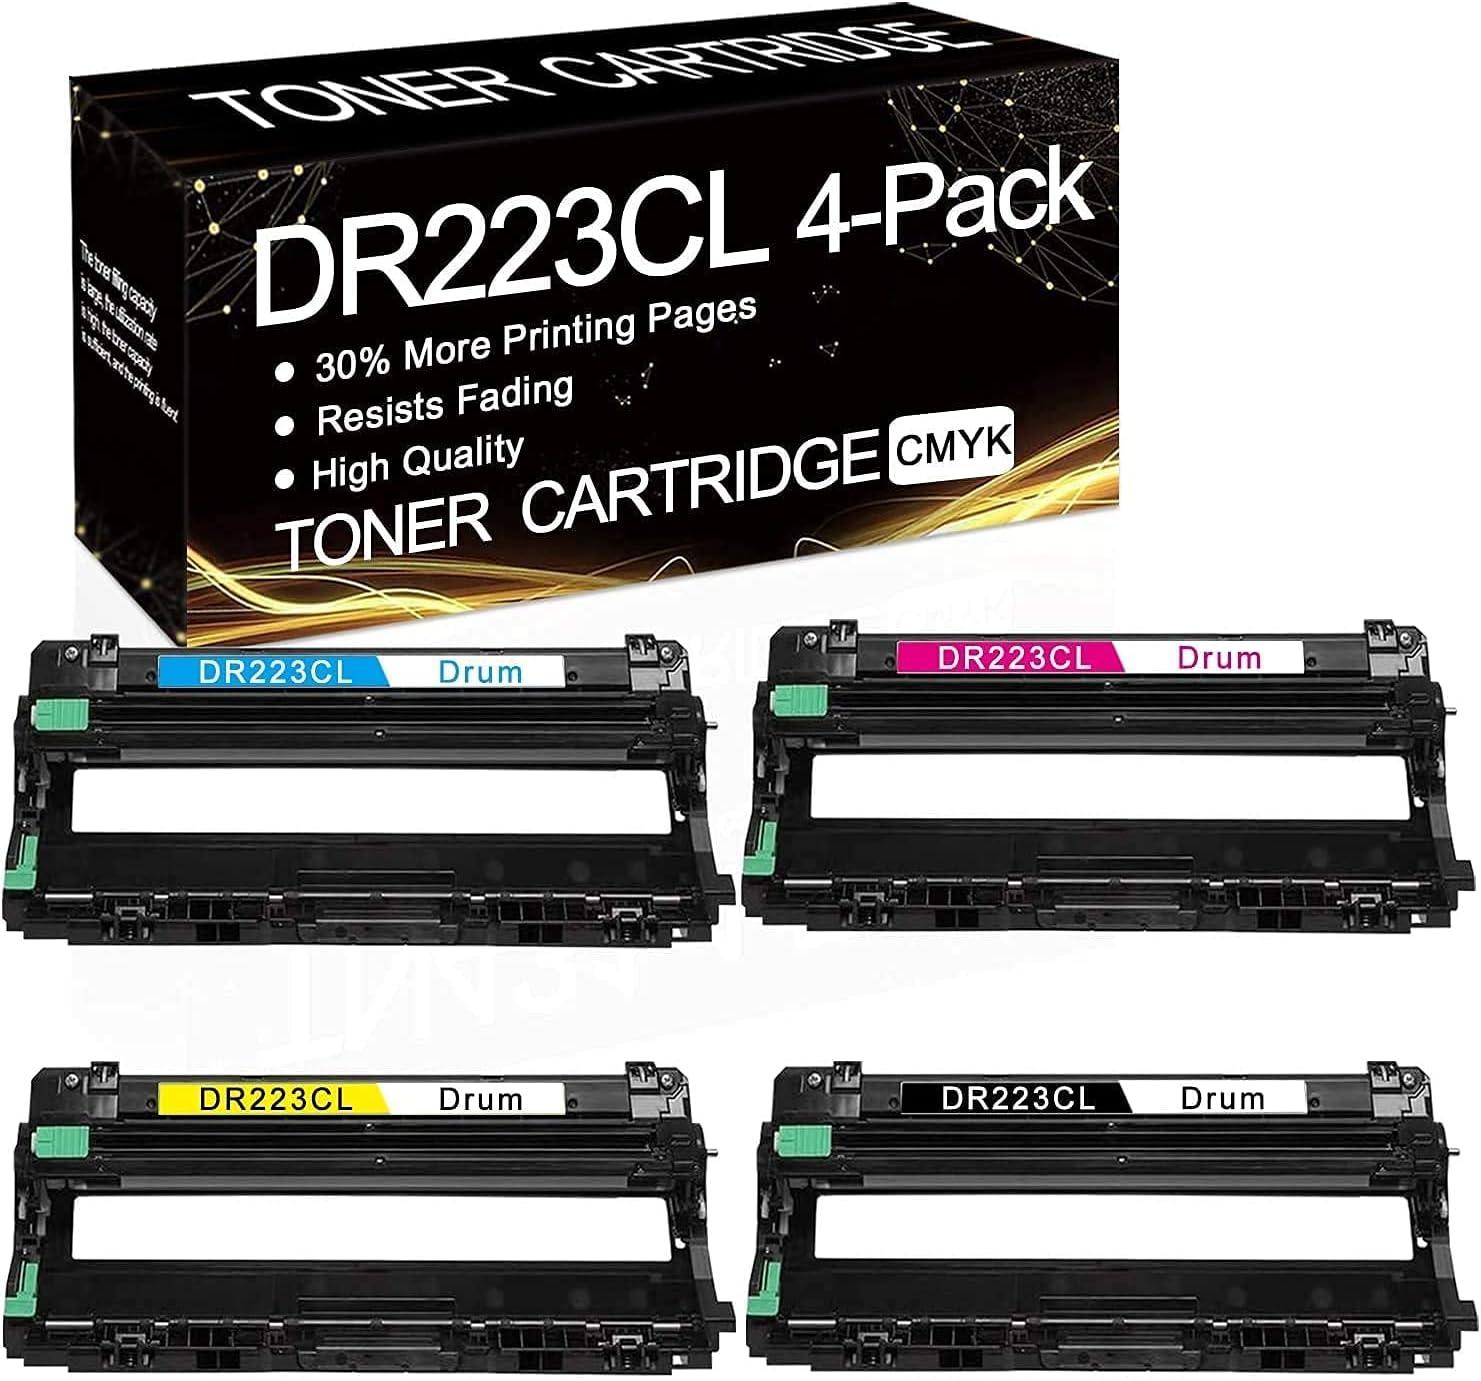 4-Pack (1BK+1C+1M+1Y) DR223CL Drun Unit Compatible Drum Unit Replacement for Brother HL-3210CW HL-3230CDW HL-3270CDW HL-3230CDN HL-3290CDW MFC-L3770CDW MFC-L3710CW MFC-L3750CDW DCP-L3510CDW Drum Unit.